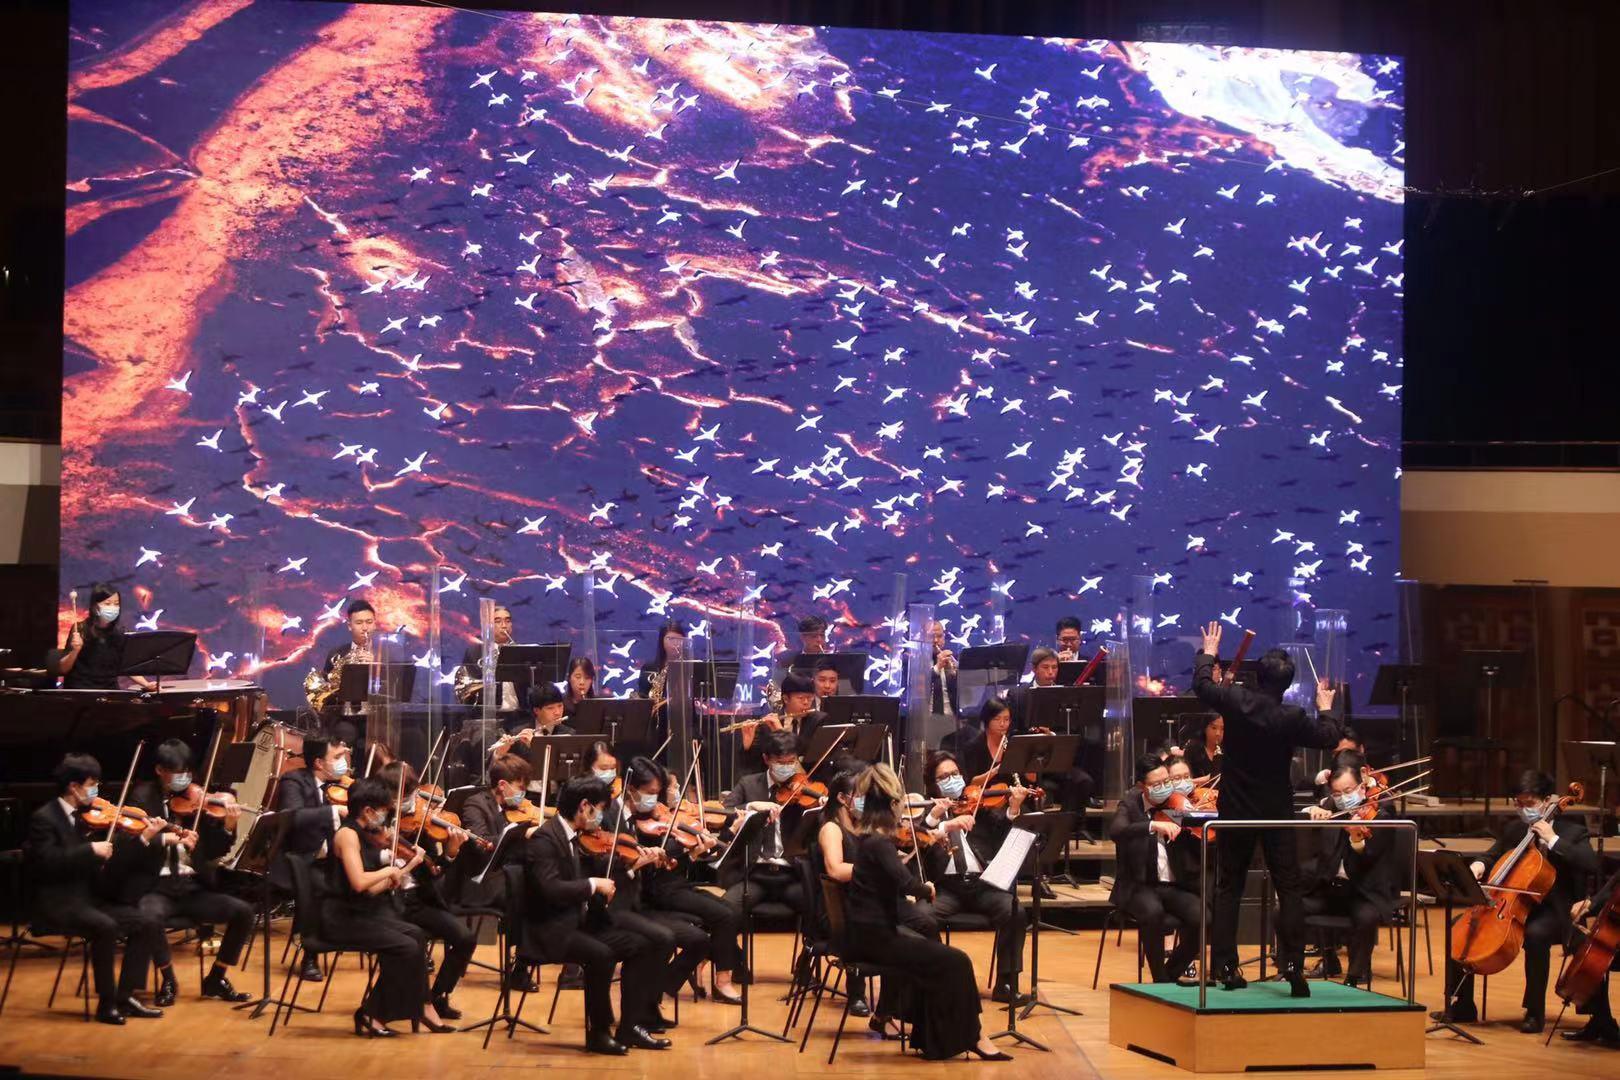 11月18日,中國文學藝術界聯合會香港會員總會成立典禮暨音樂會在香港文化中心音樂廳舉行。(大公文匯全媒體記者攝)